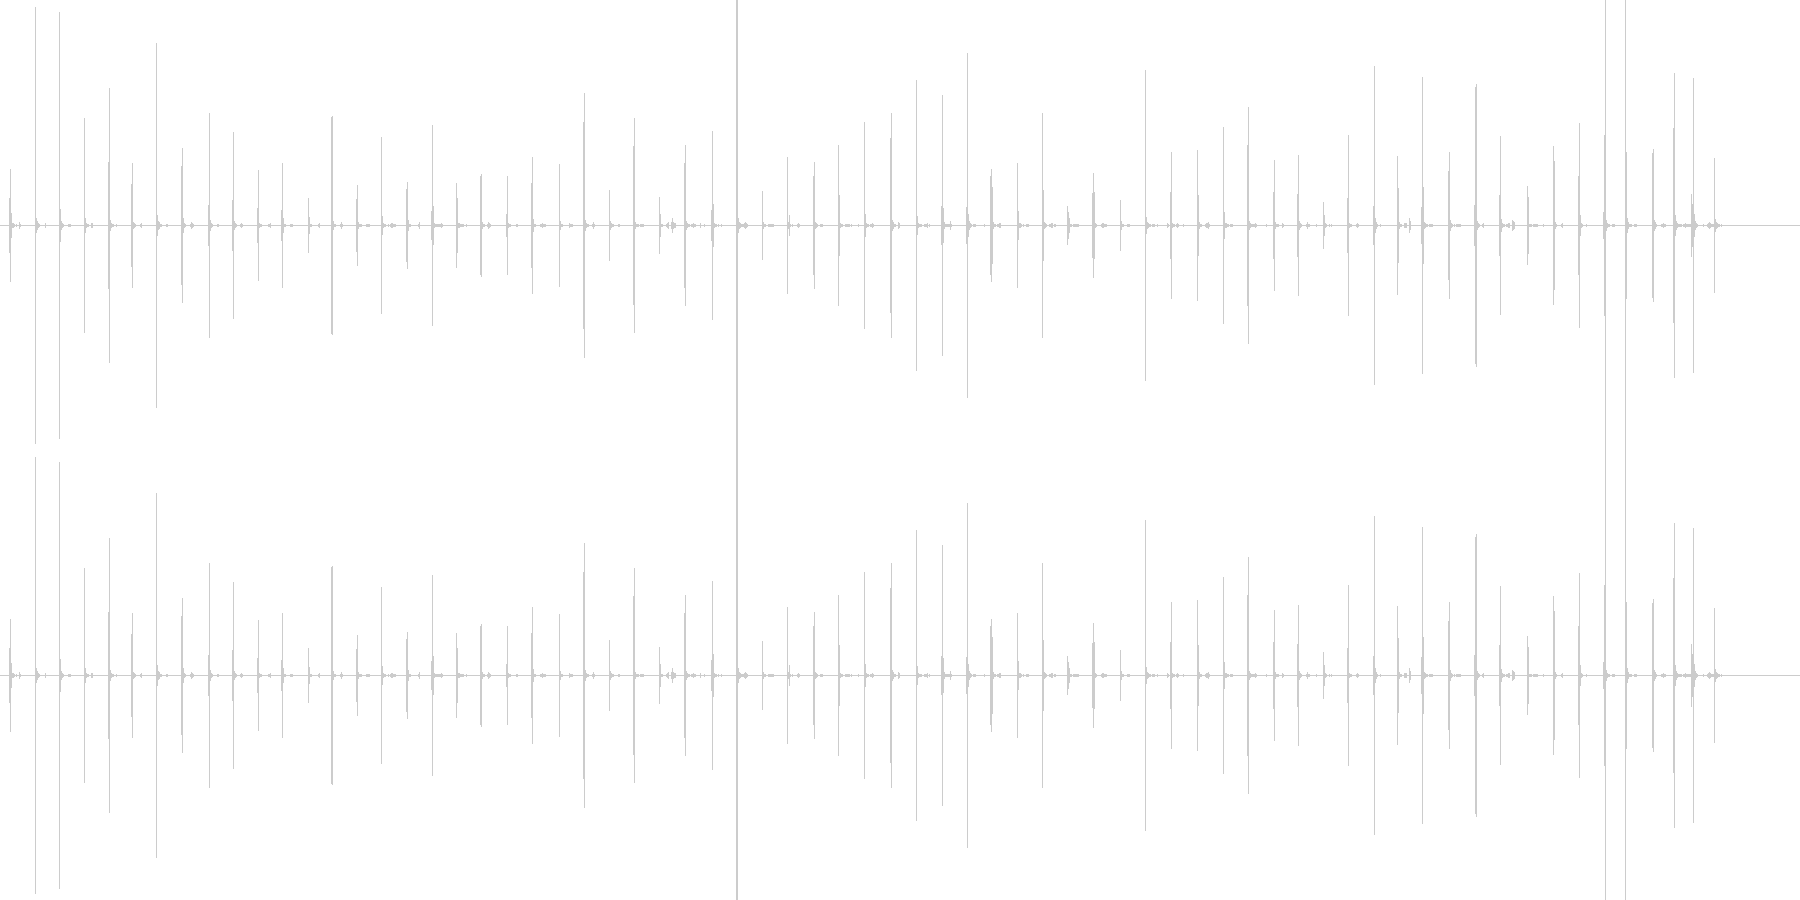 足音 男/歩く1下駄+コンクリートの未再生の波形